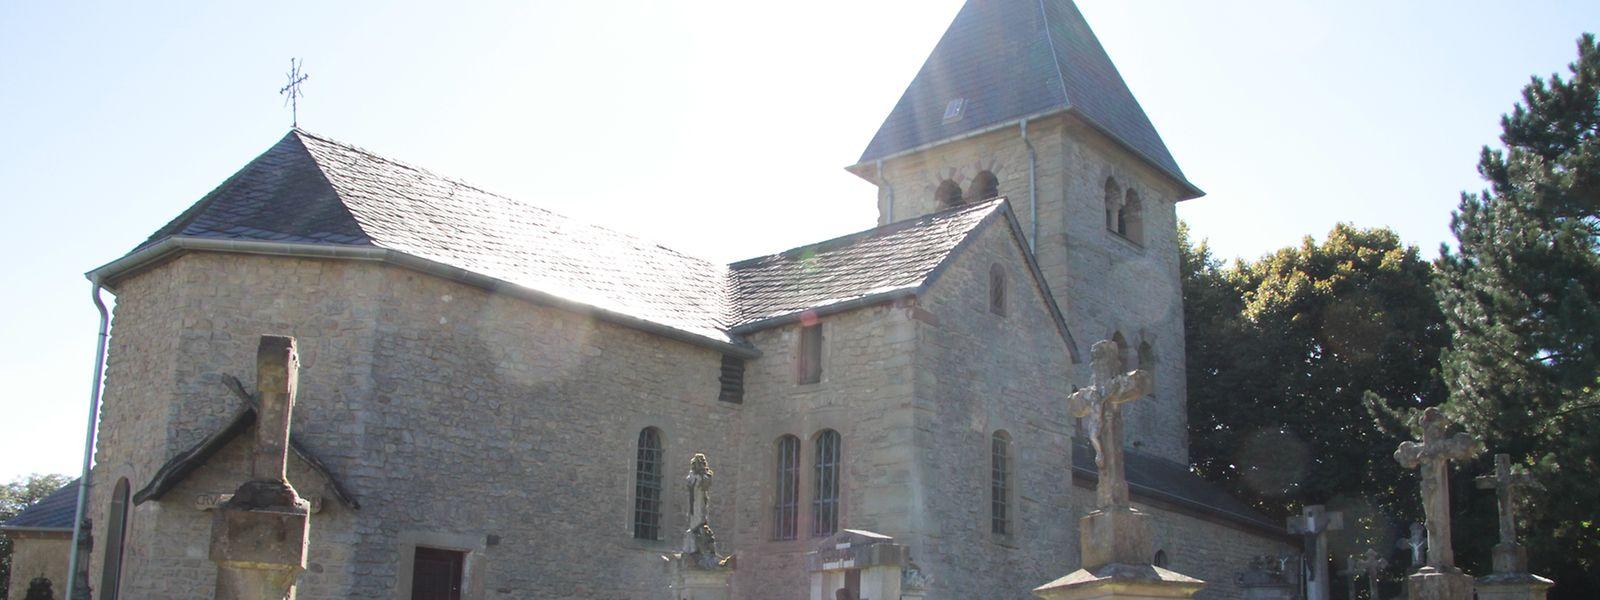 Die Kapelle ist das Wahrzeichen des kleinen Ortes Girsterklaus.